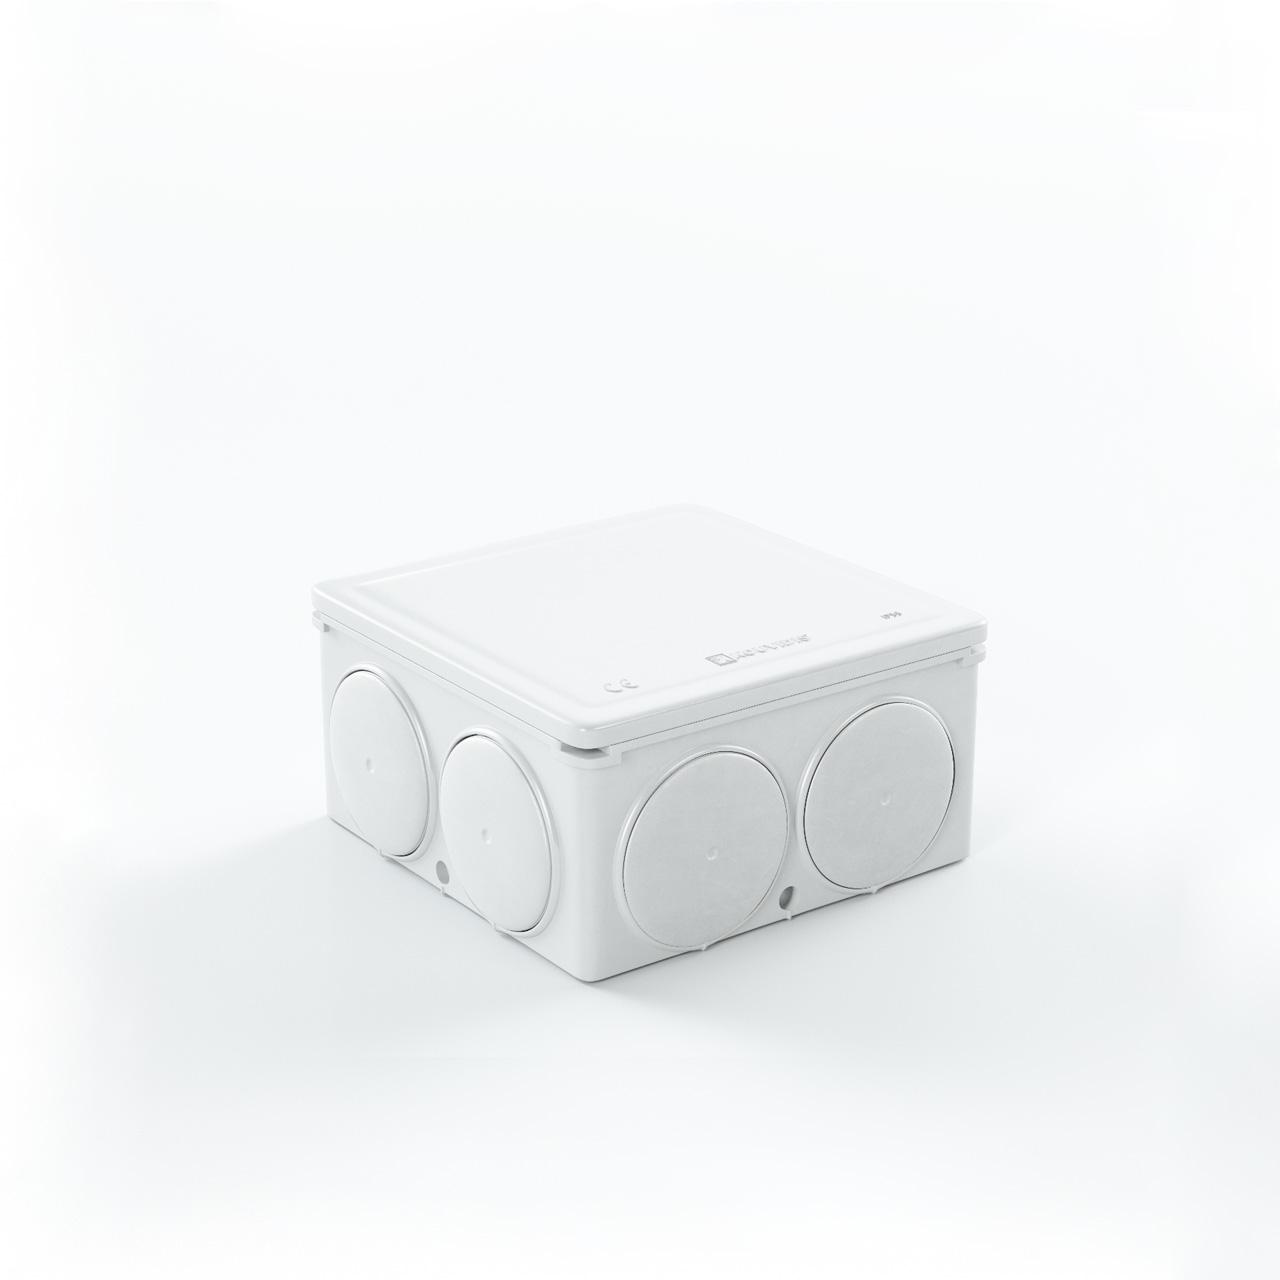 Στεγανό Τετράγωνο Κουτί Διακ/Σεως Medisol Αμ Φ16/20